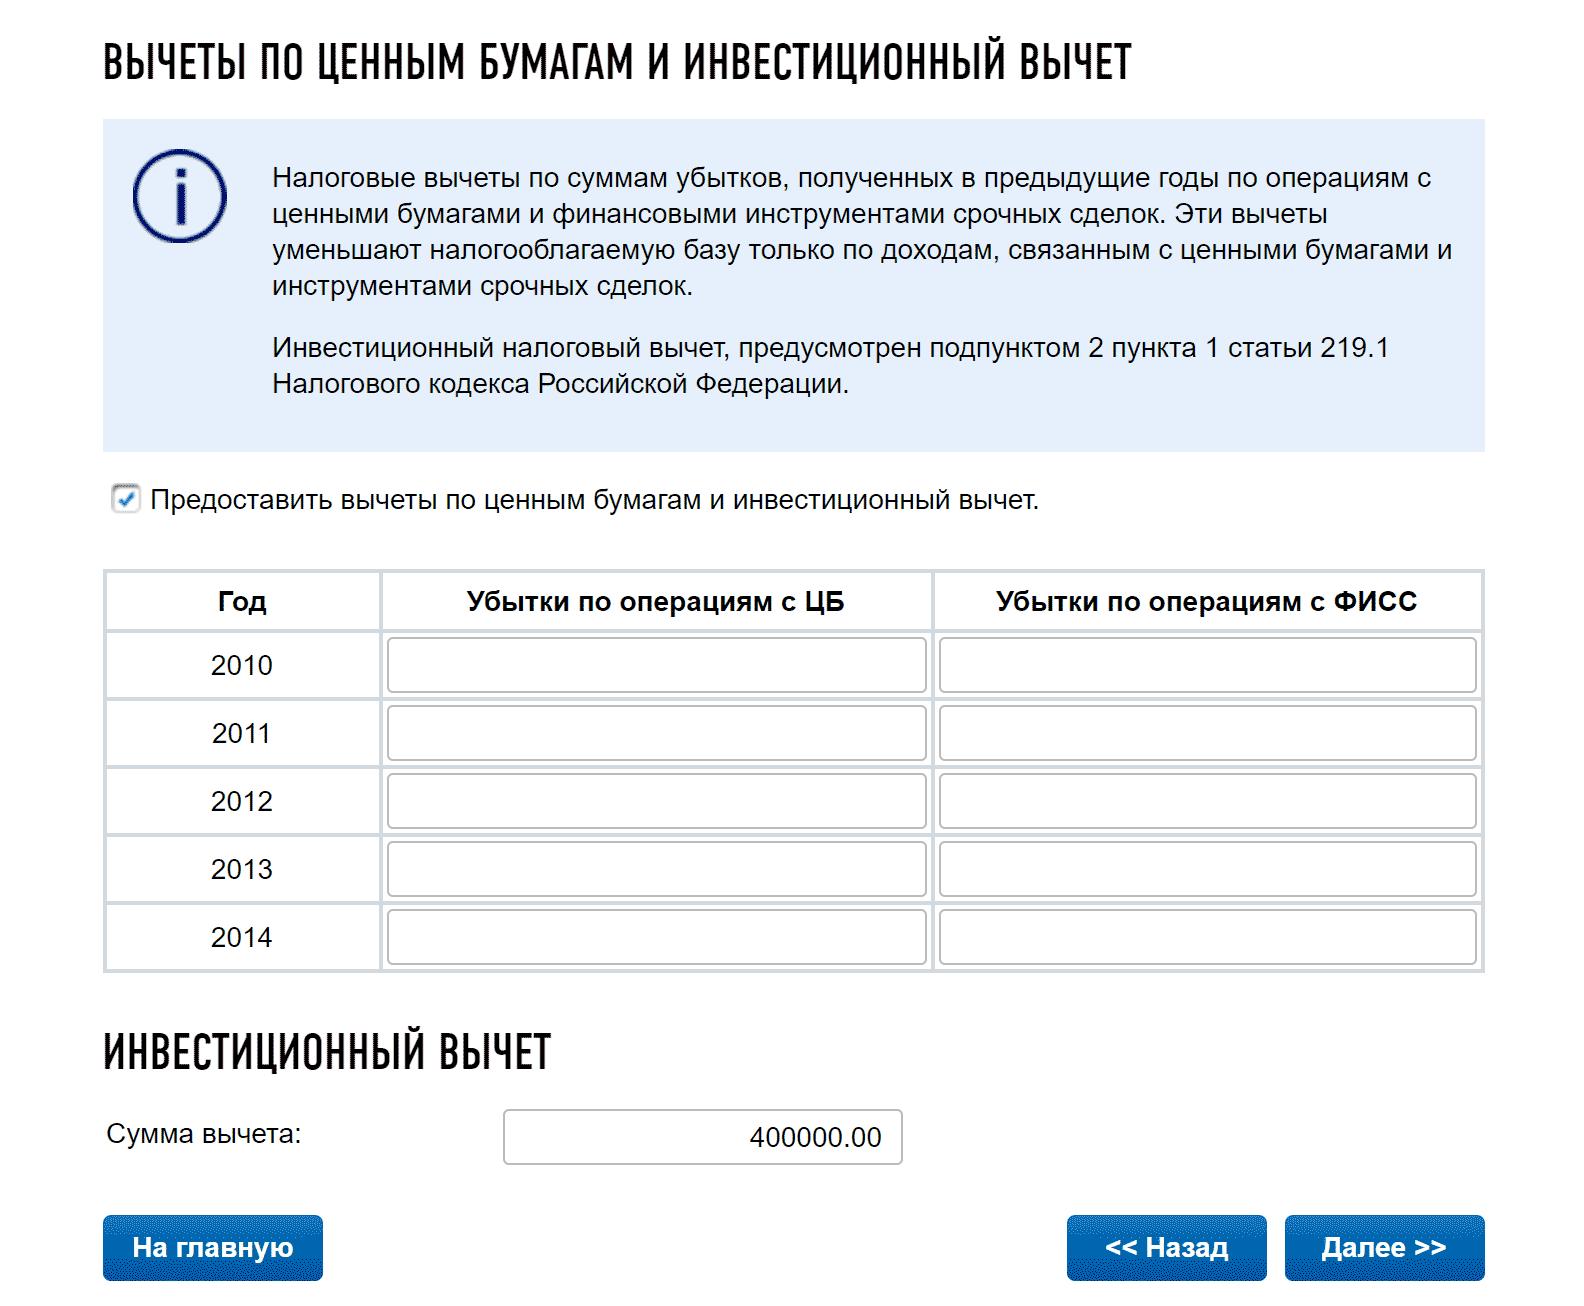 400 тысяч рублей — максимальная сумма, с которой можно получить вычет на ИИС